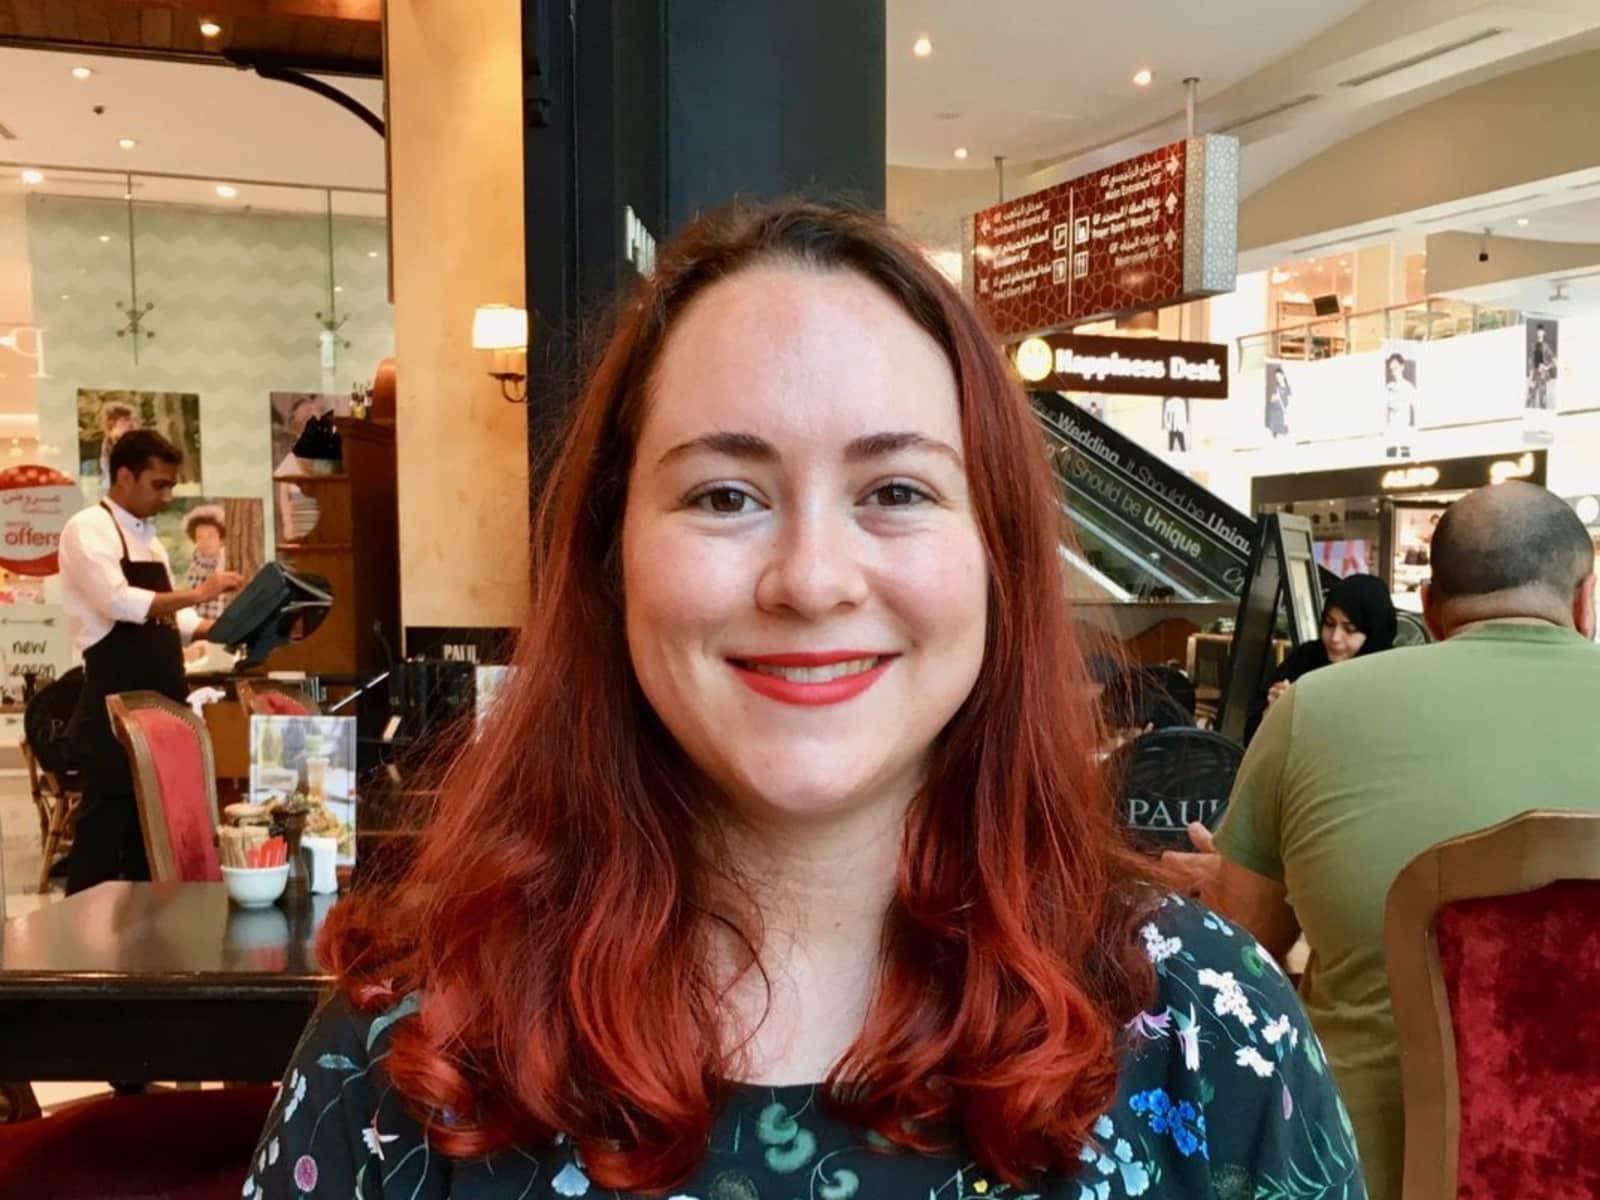 Erica from Tauranga, New Zealand